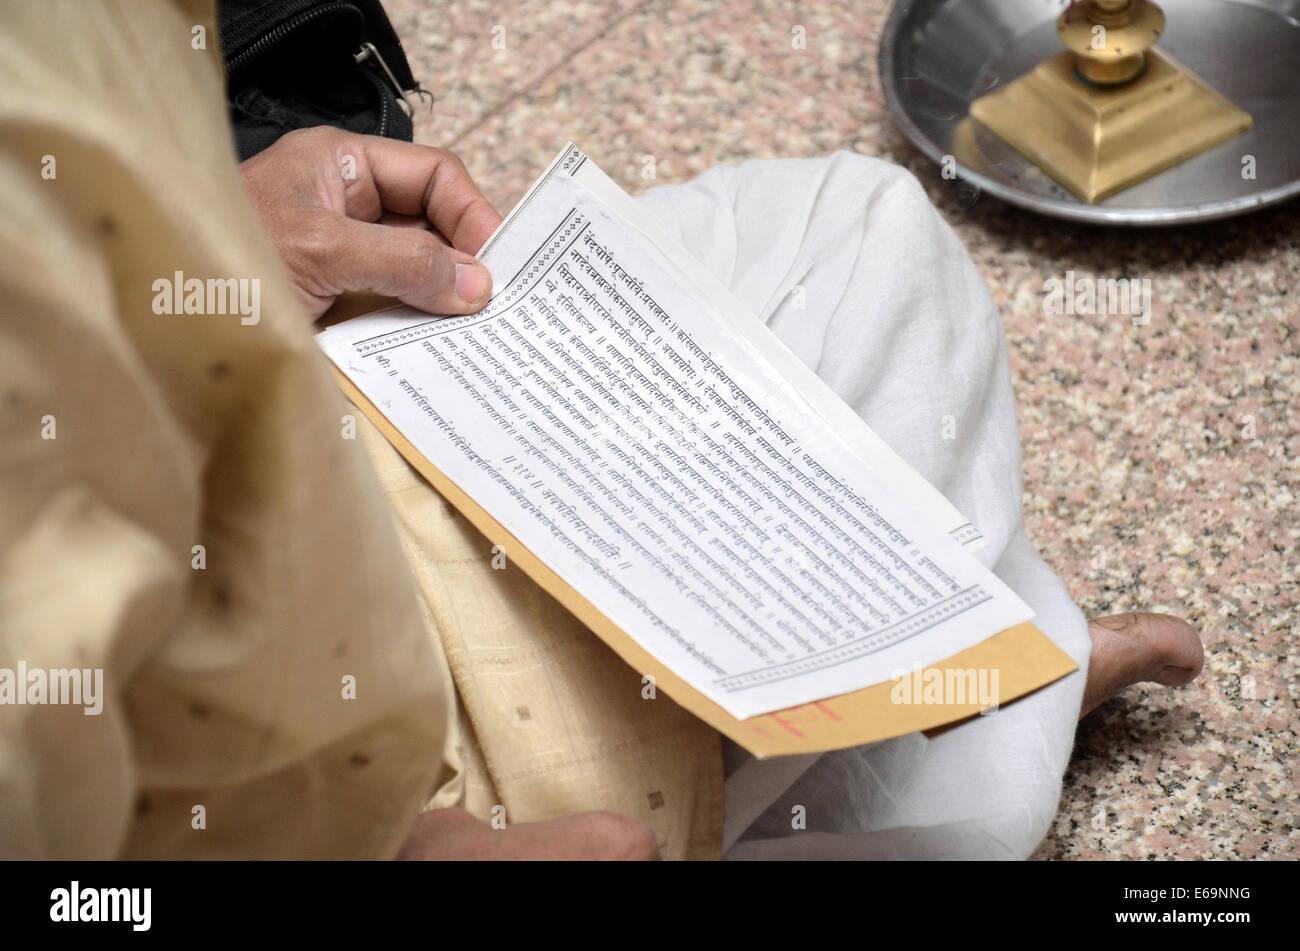 Un pandit lettura santa mantra sanscrito durante il matrimonio induista. Pune, Maharashtra Immagini Stock